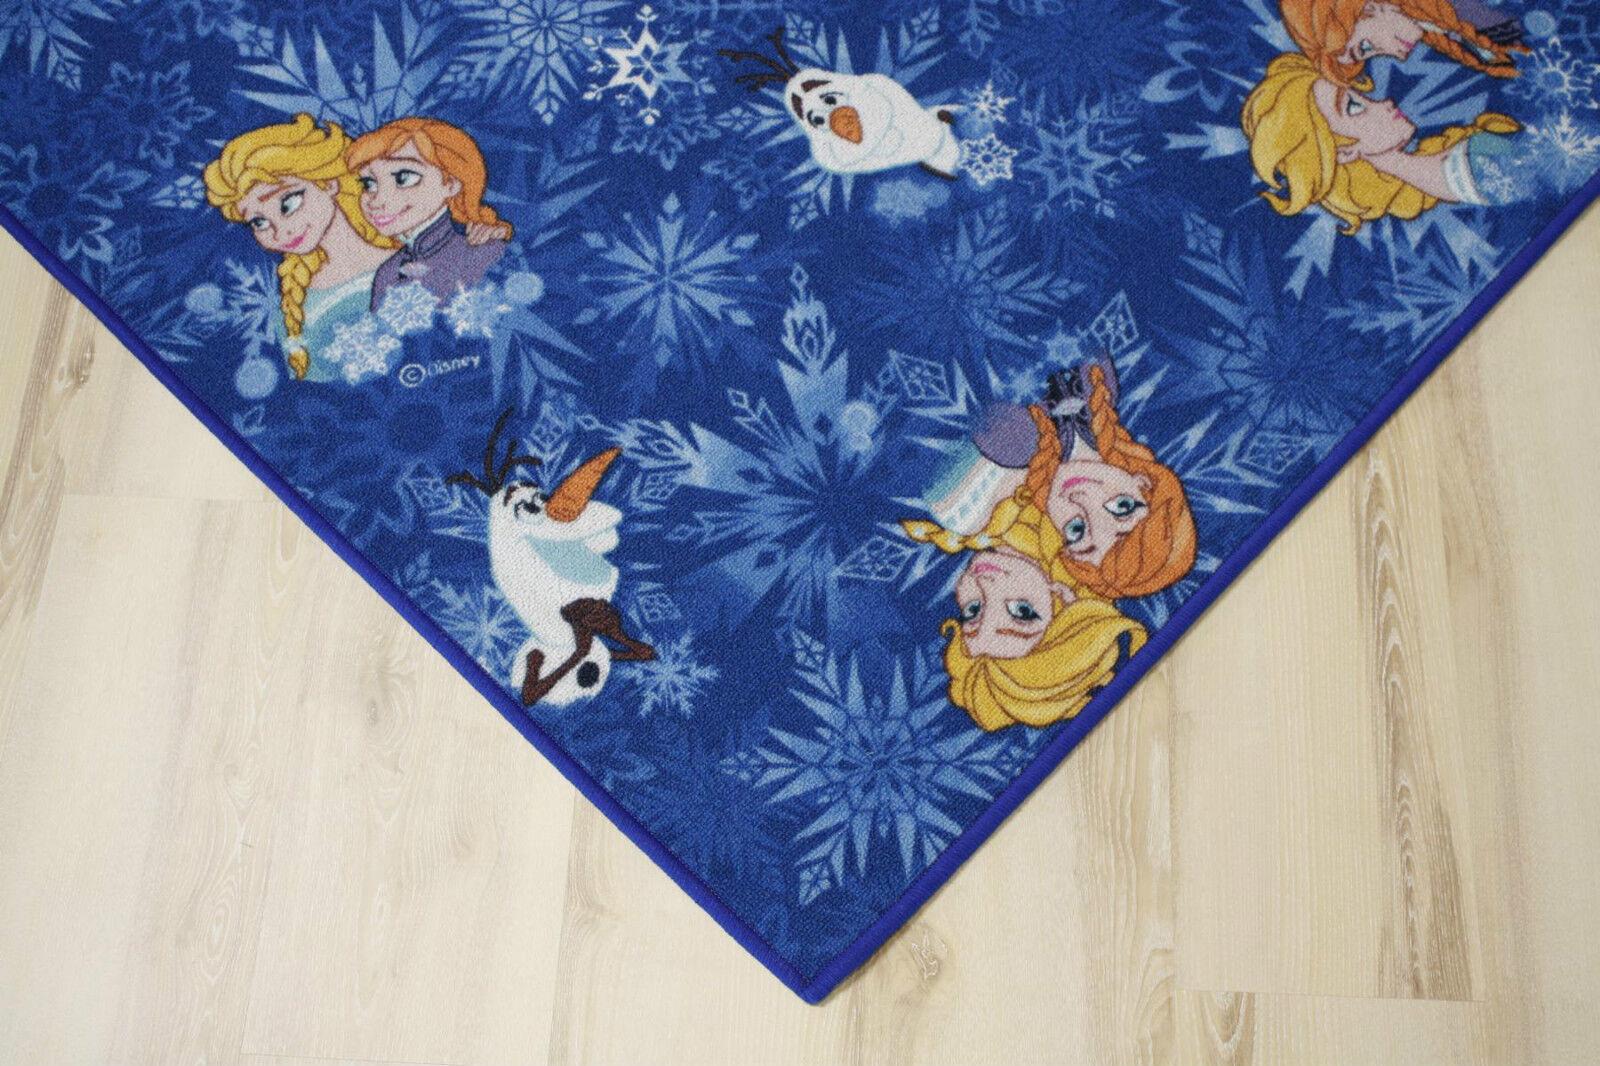 Bambini tappeto gioco tappeto tappeto tappeto Frozen FROZEN BLU 400x300 cm ELSA OLAF ANNA 99b45b